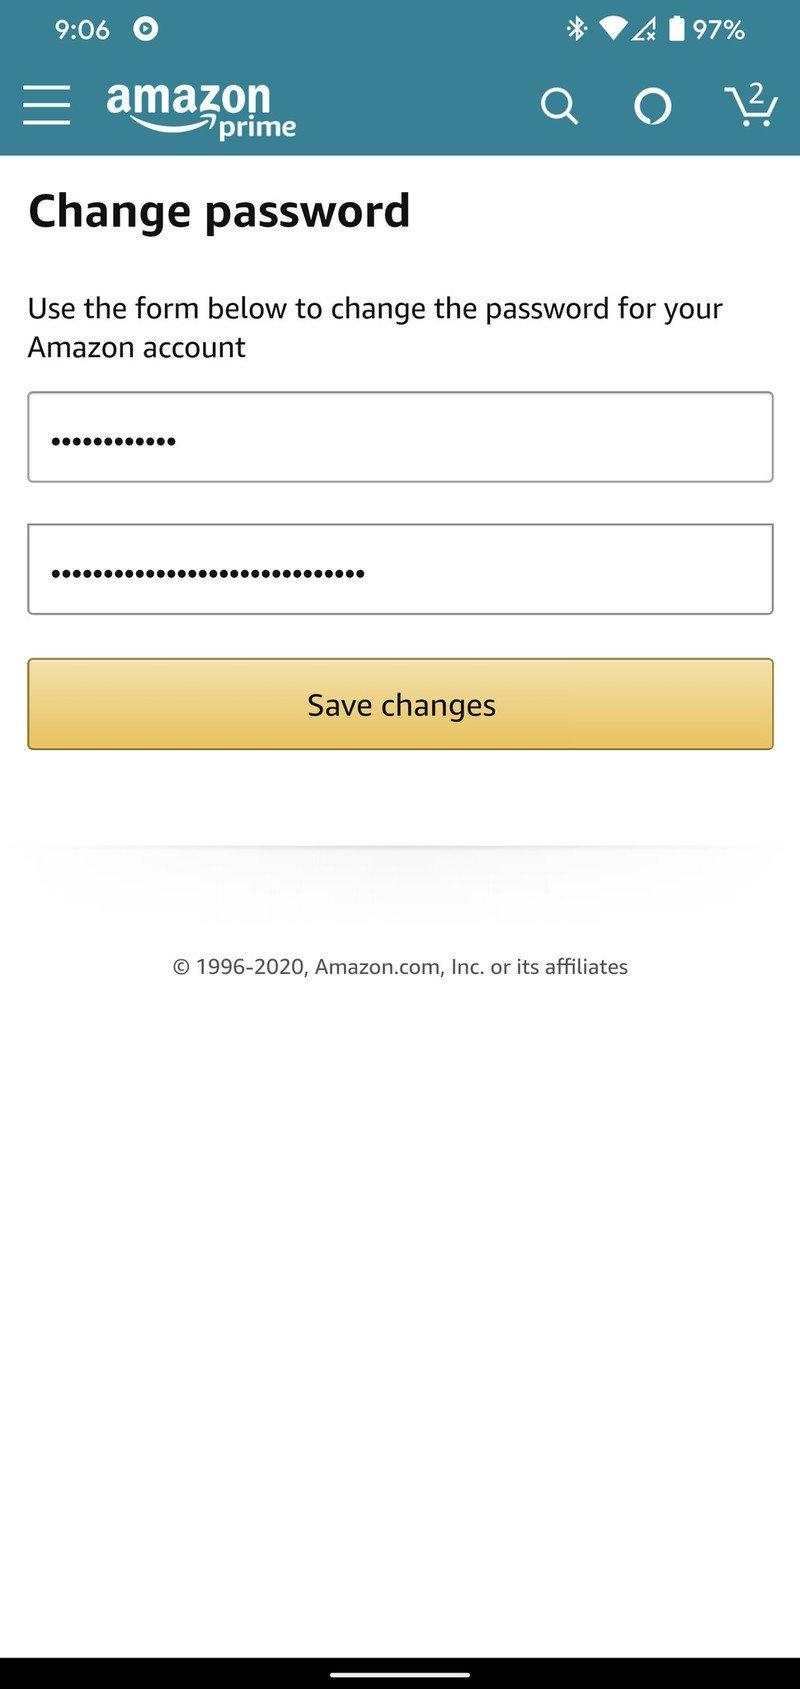 amazon-change-password-how-to-6.jpg?itok